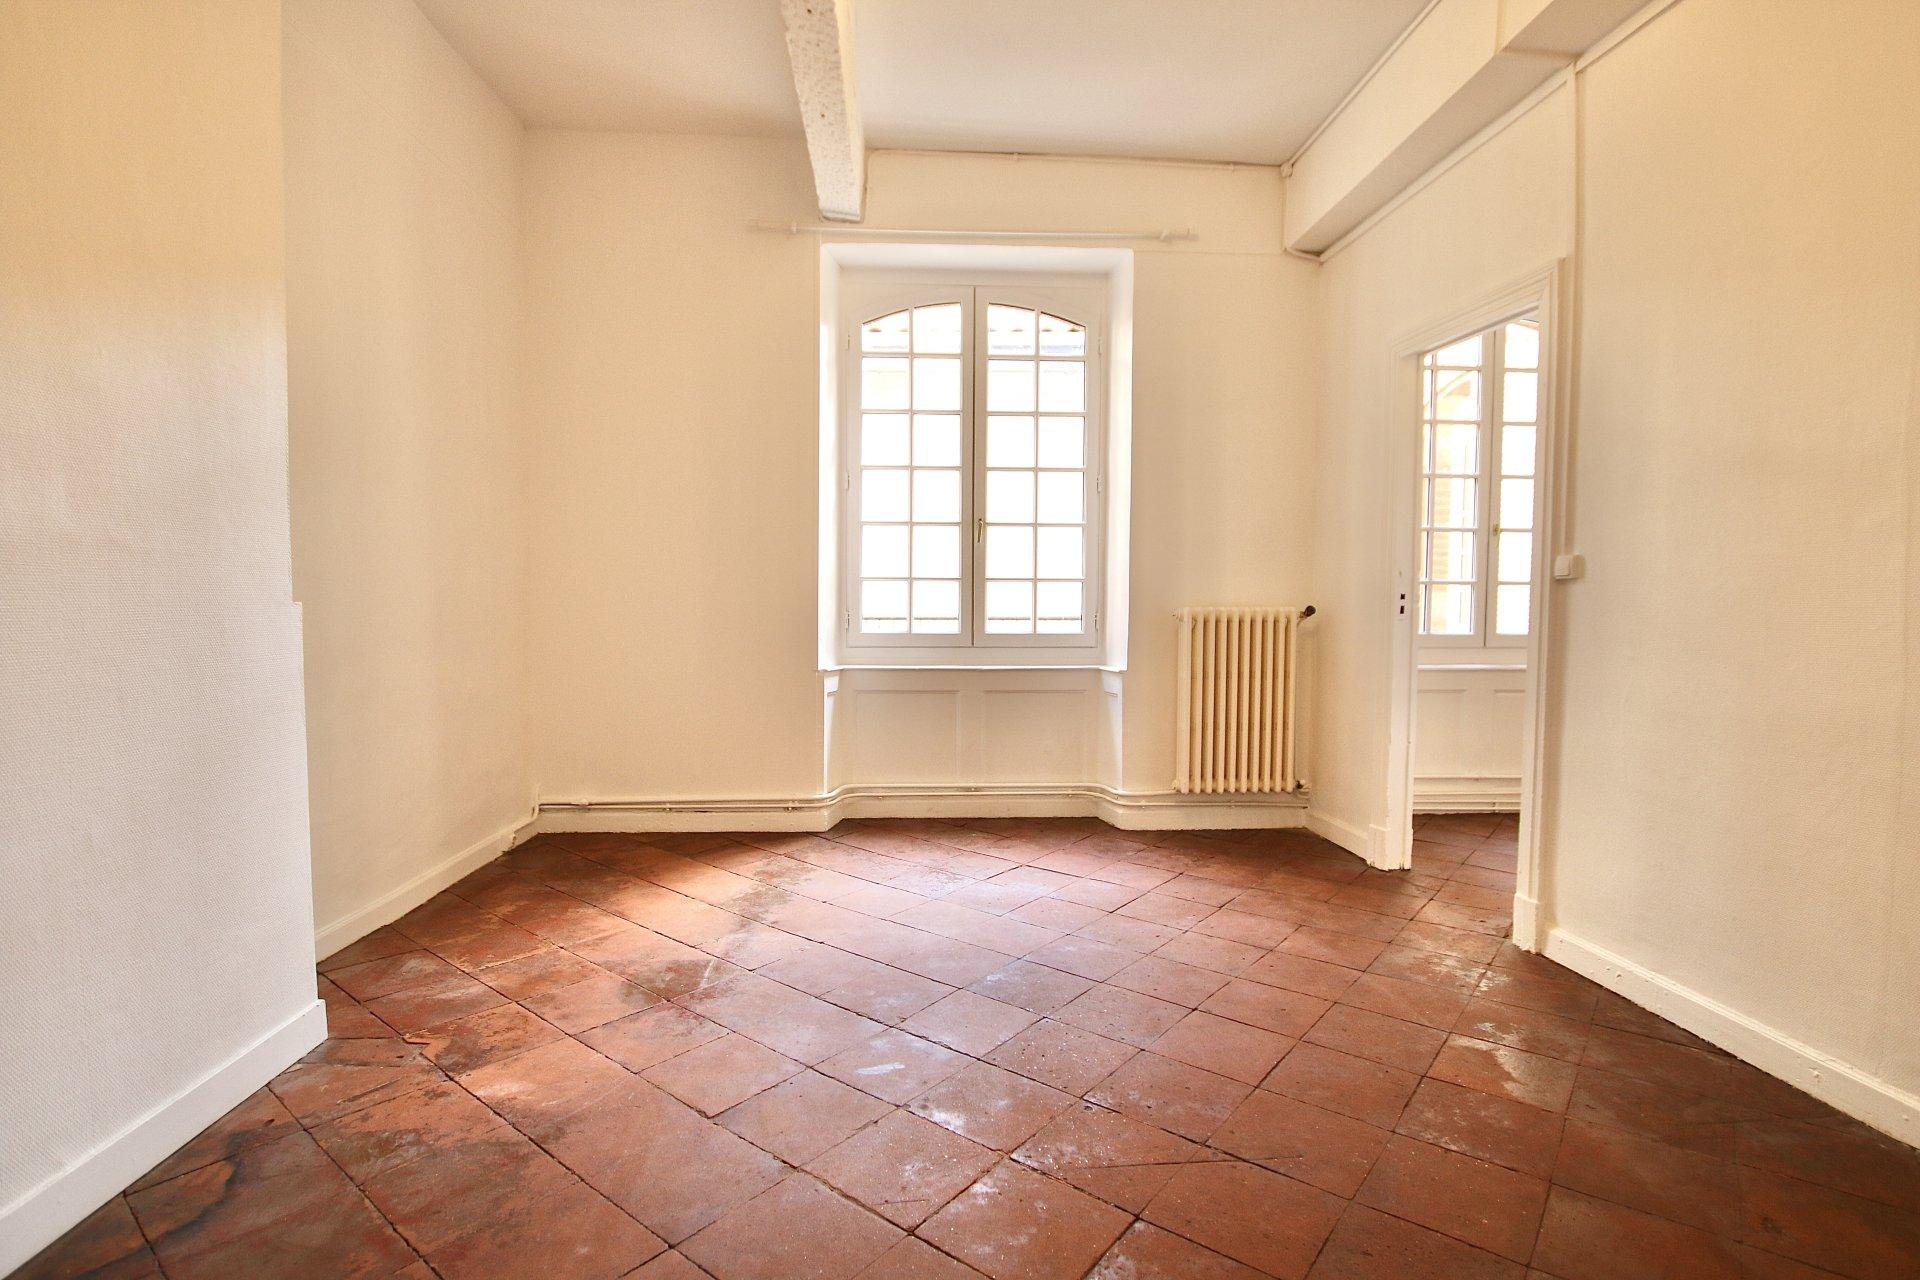 Appartement T3 avec terrasse - Place des Carmes 89m2